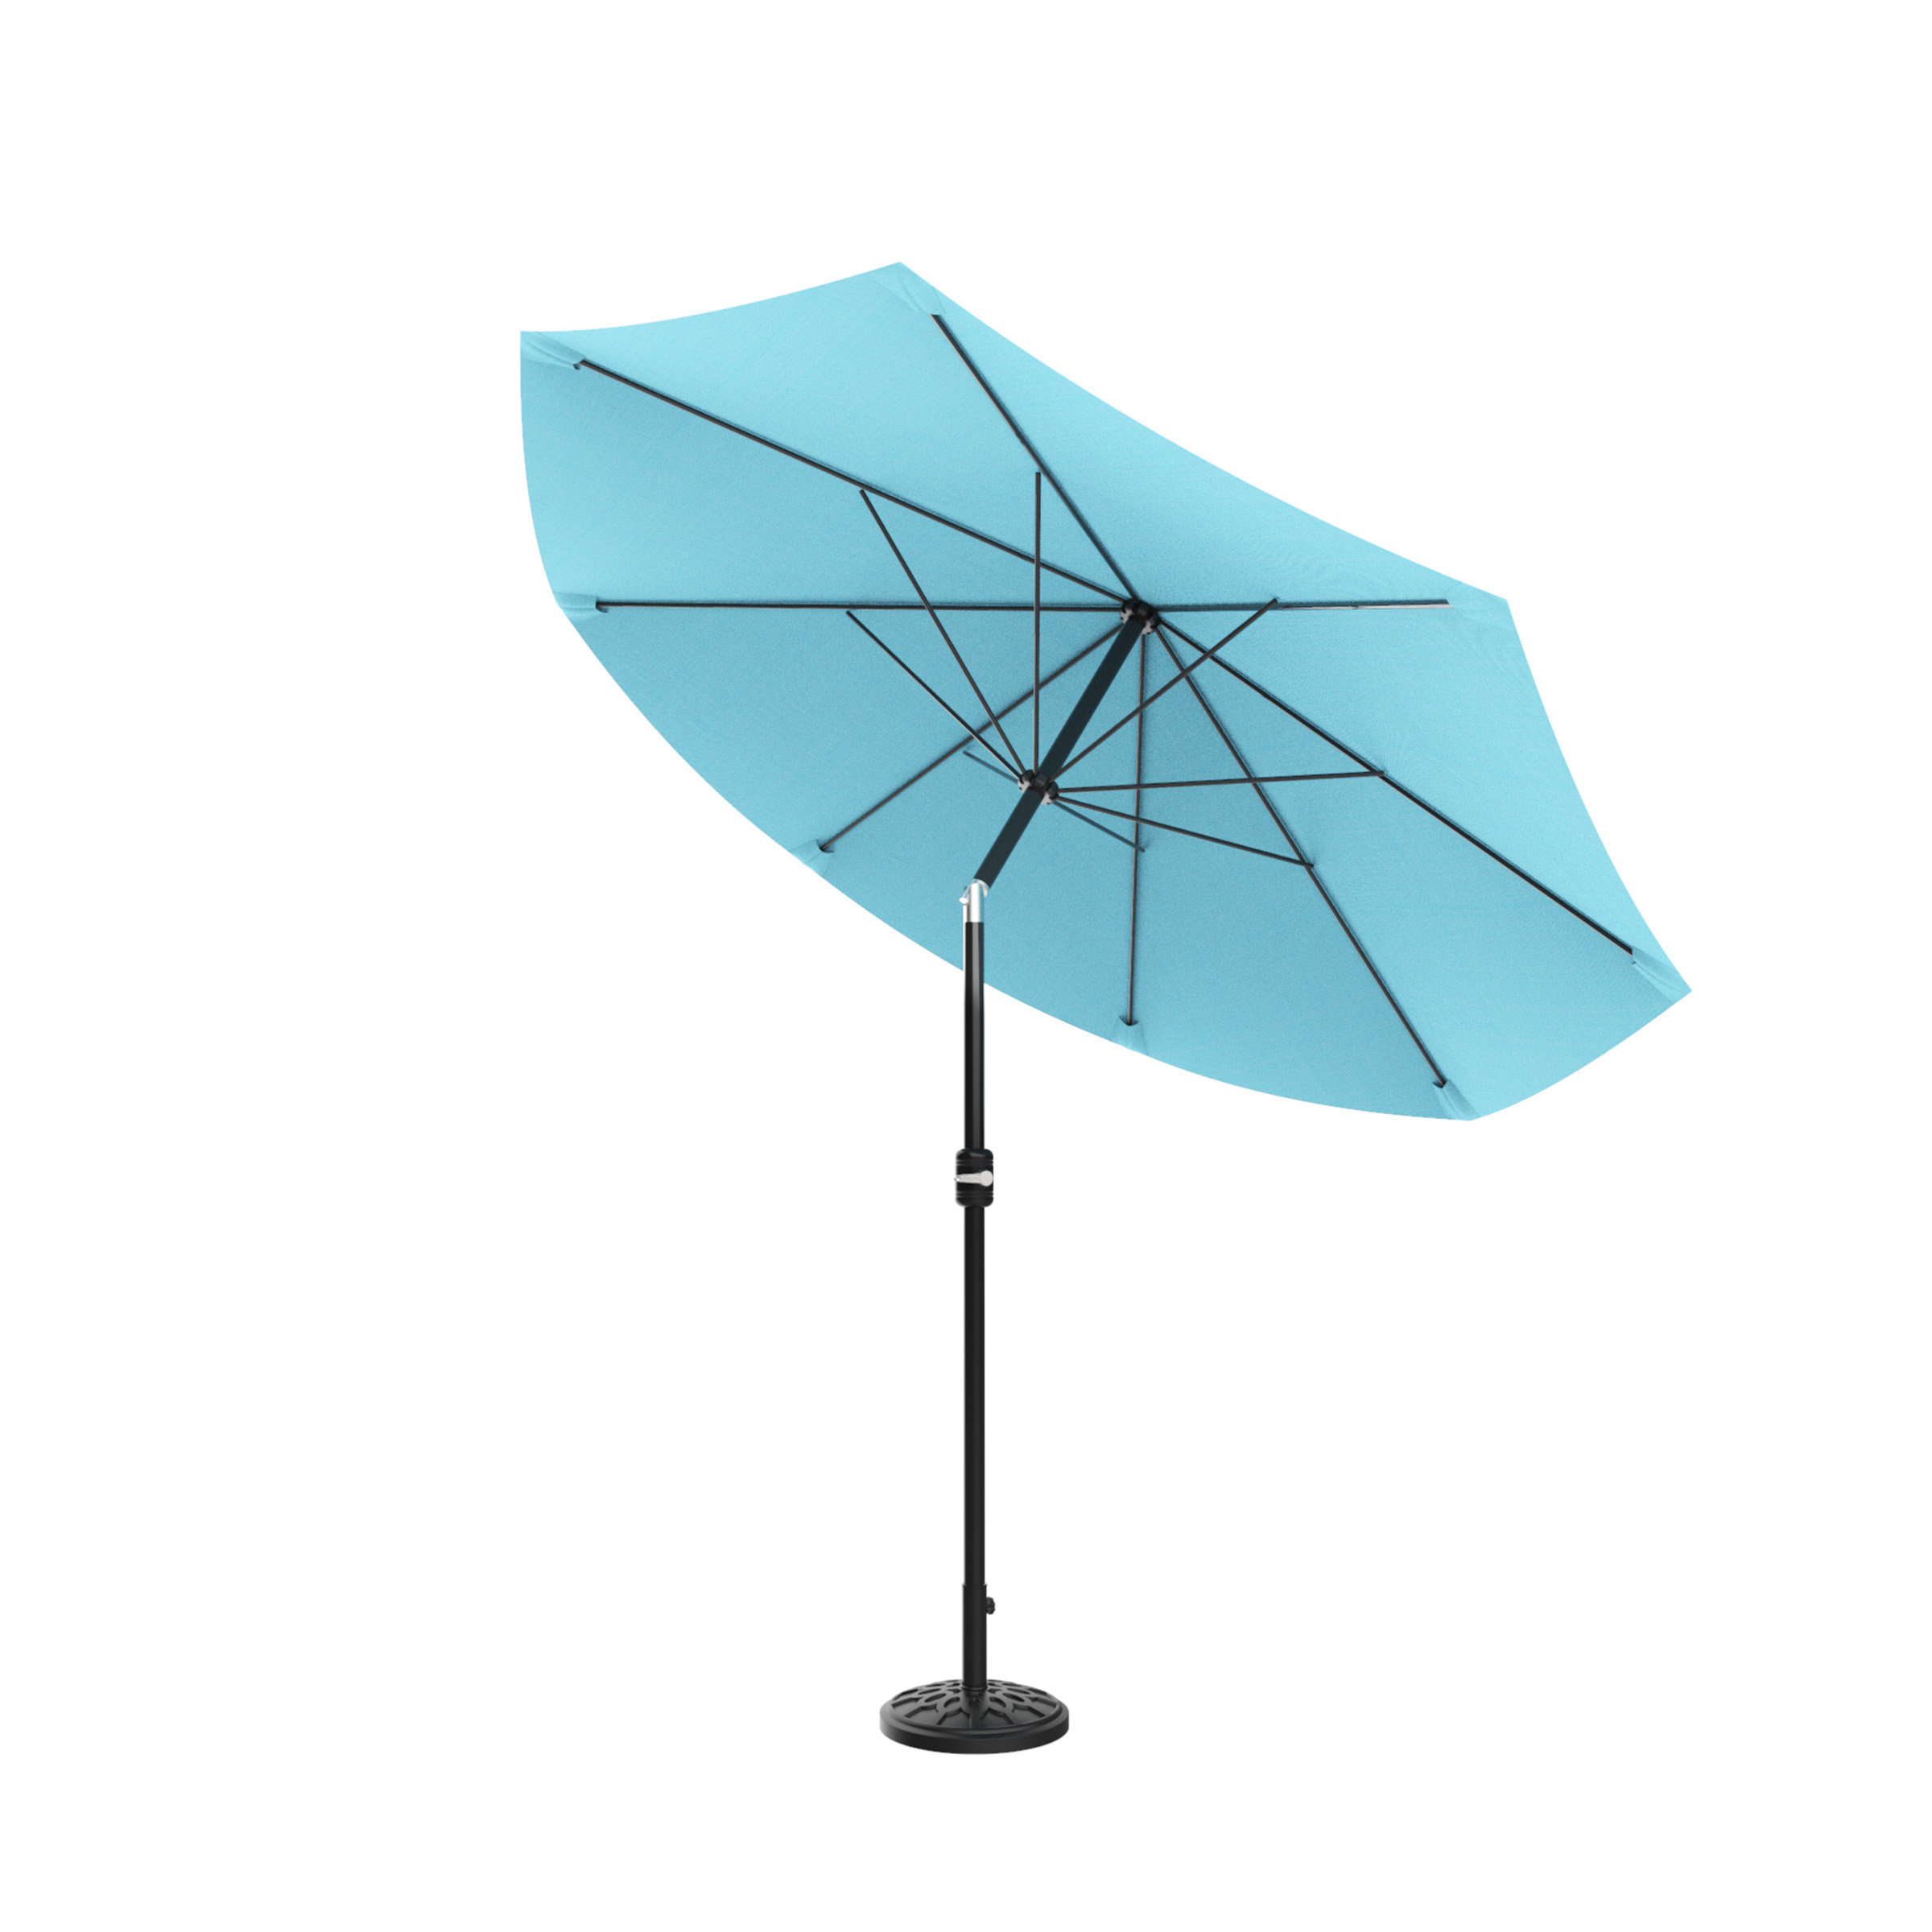 Allport Market Umbrellas Intended For Popular Kelton 10' Market Umbrella (View 9 of 20)